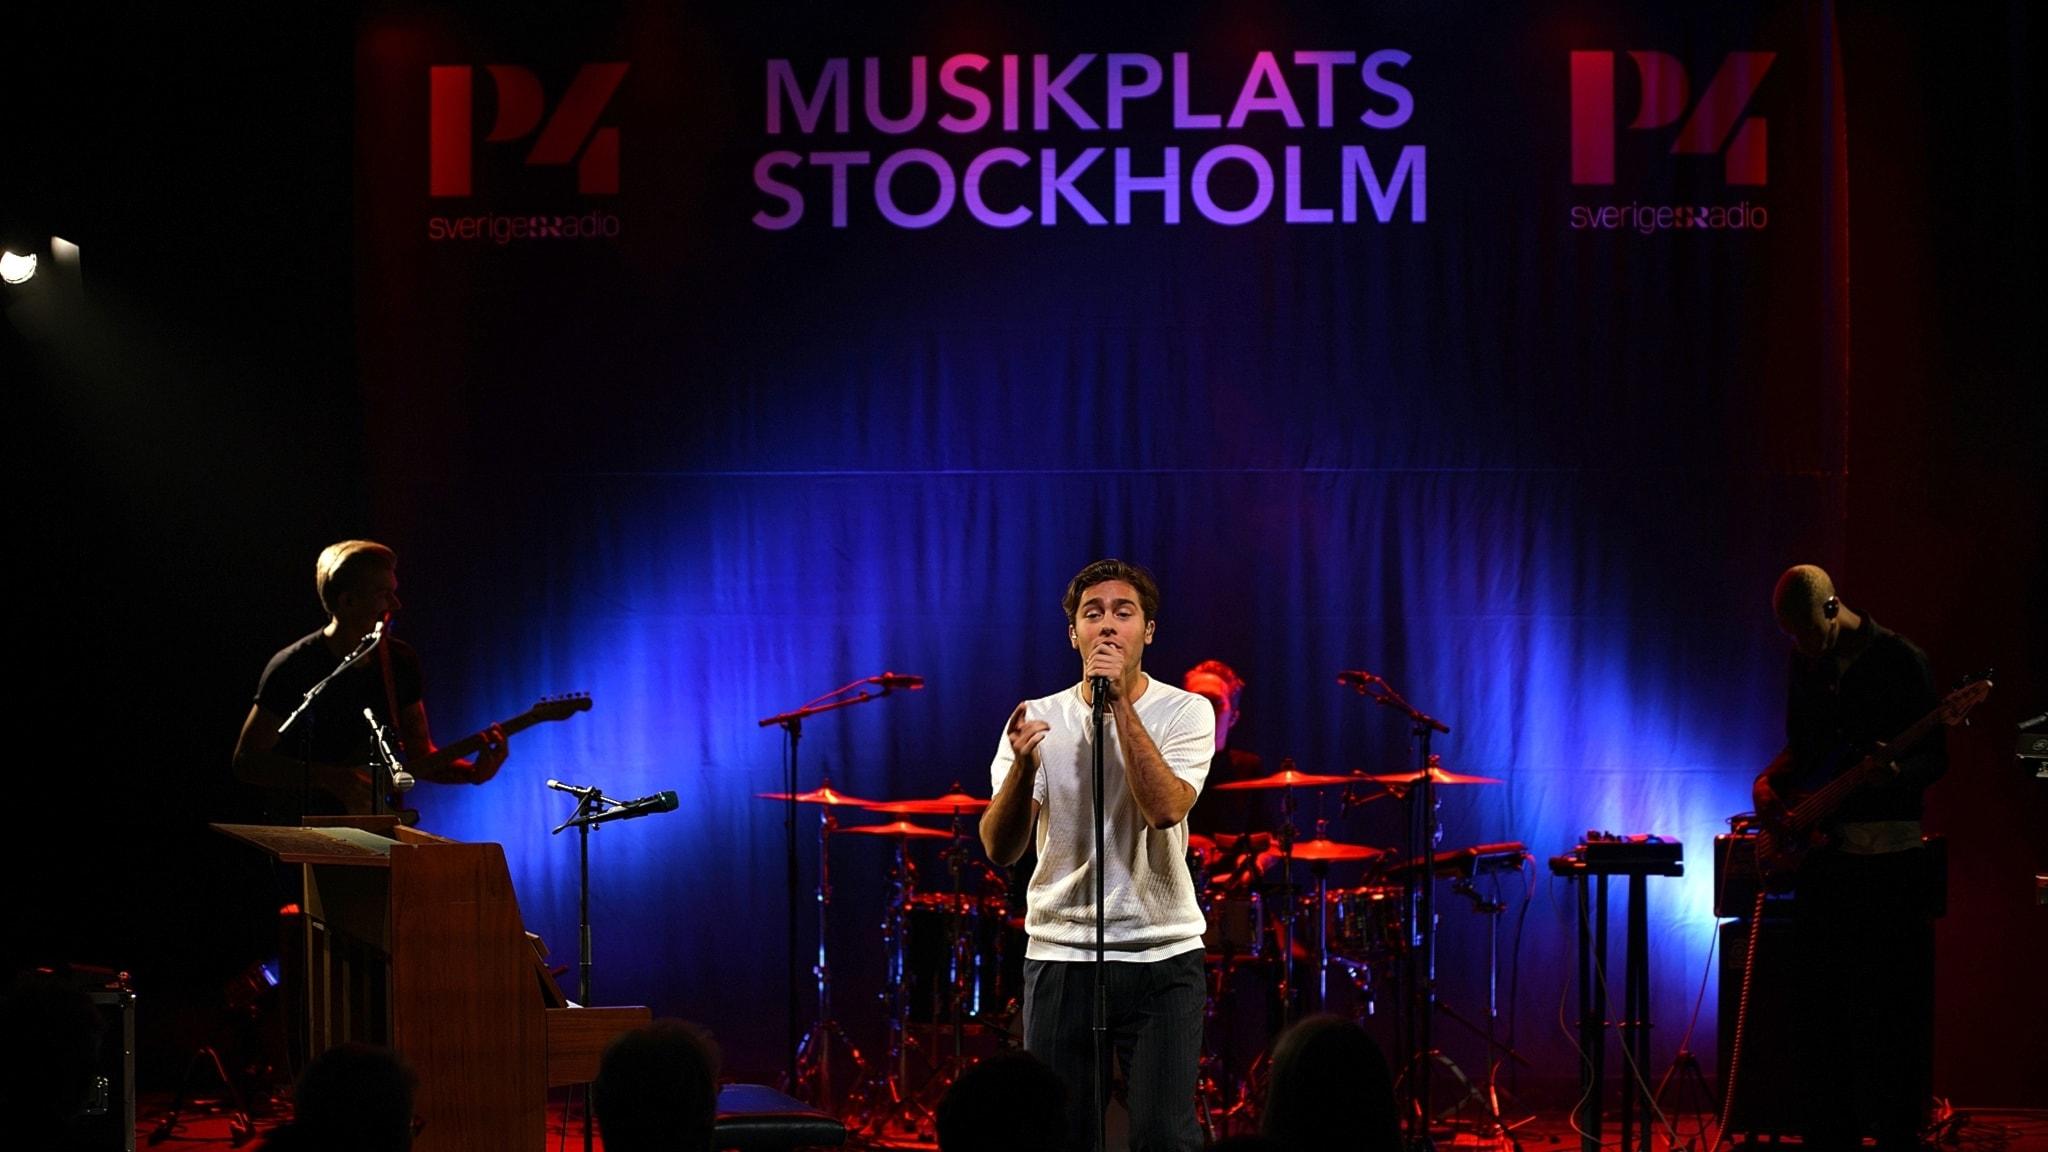 Livekonsert med Benjamin Ingrosso